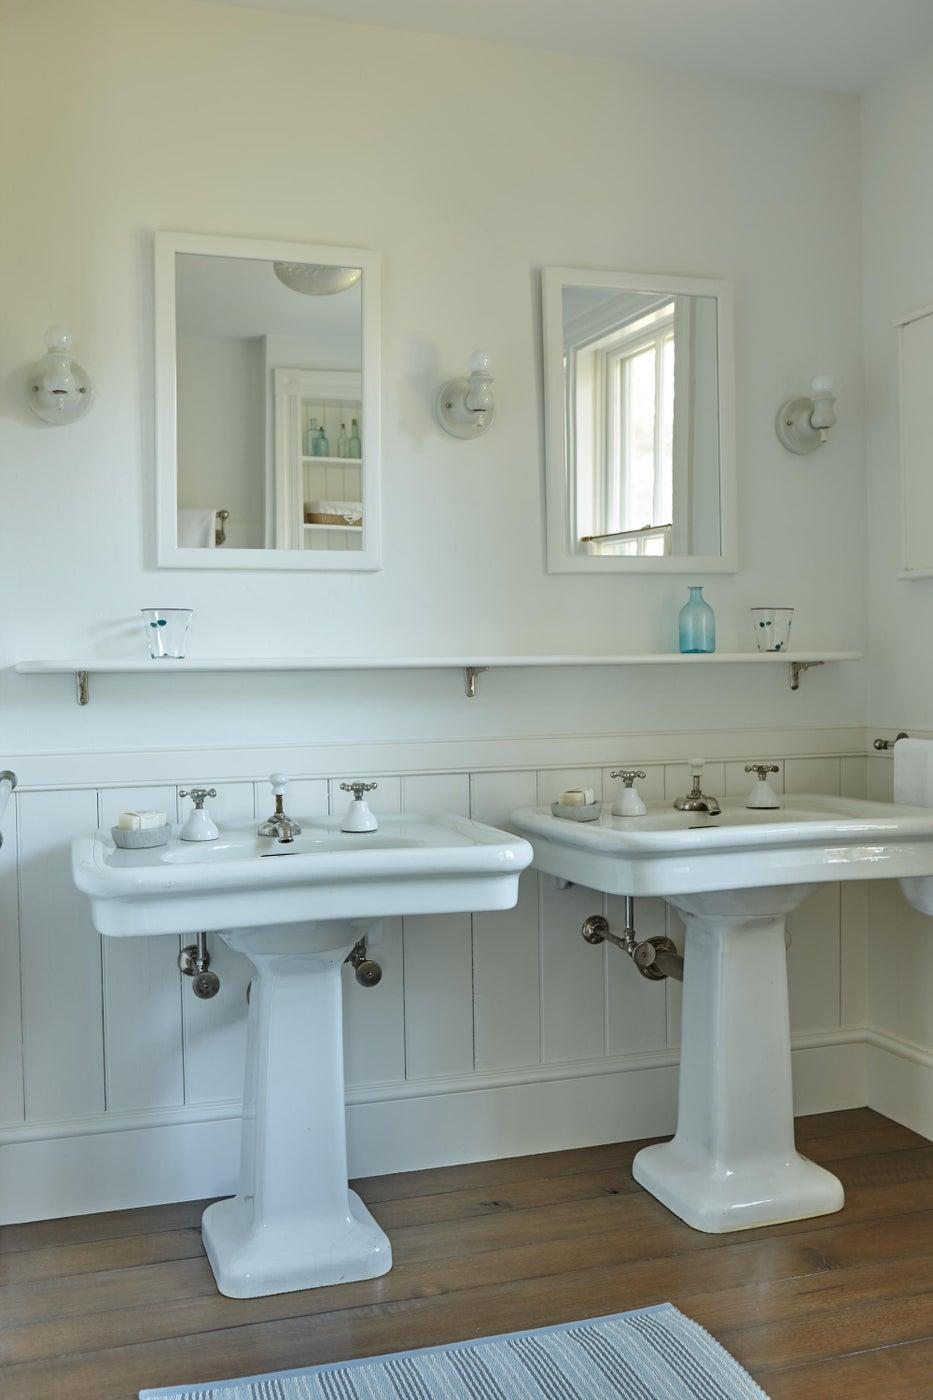 Pair of pedestal sinks in guest bathroom.